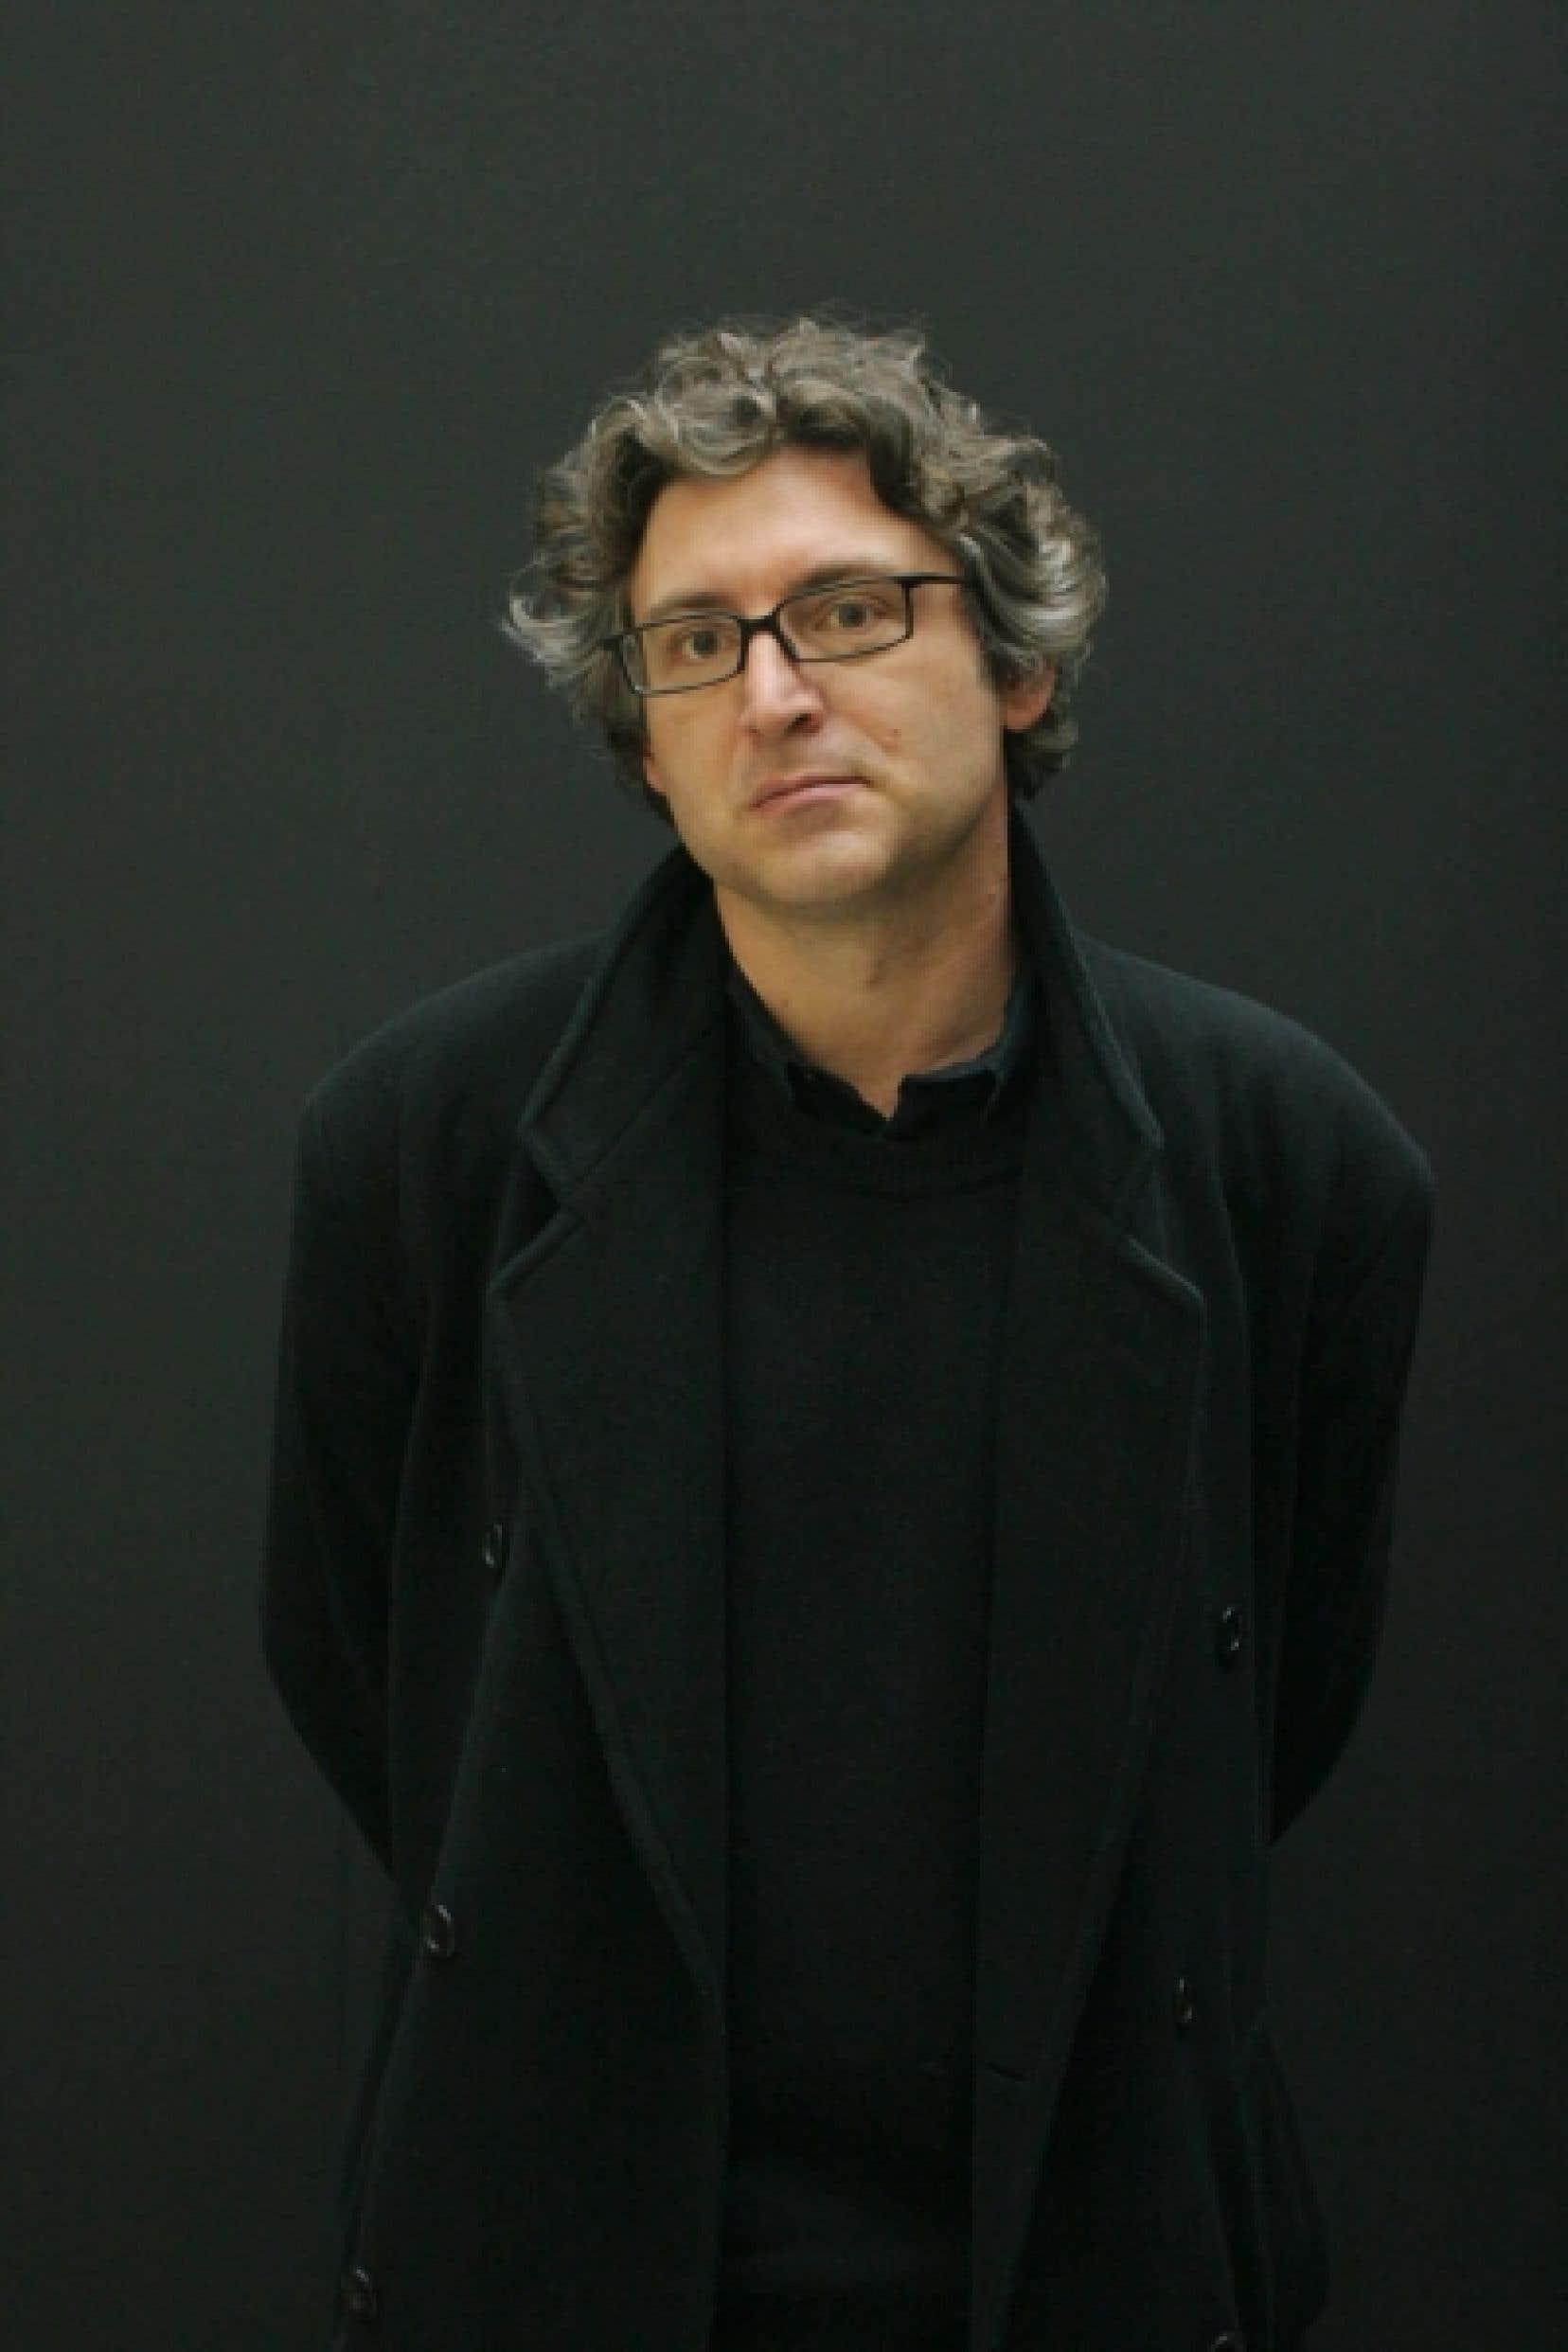 Michel Onfray croit que seule la philosophie peut permettre de faire barrage au conformisme et au dogmatisme.<br />